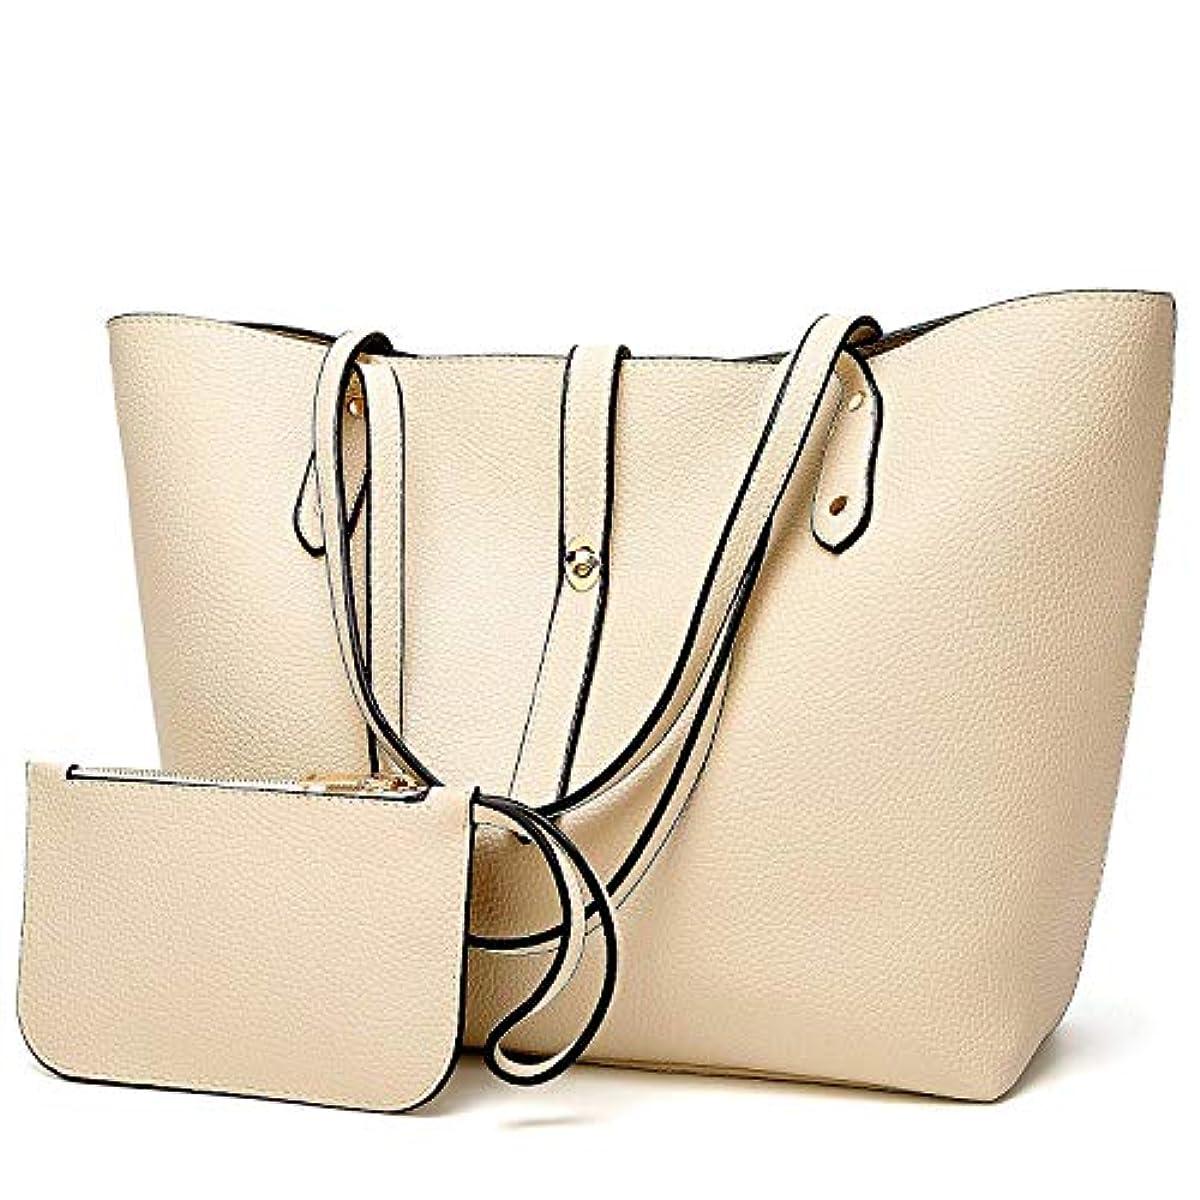 連帯処分した常に[TcIFE] ハンドバッグ レディース トートバッグ 大容量 無地 ショルダーバッグ 2way 財布とハンドバッグ